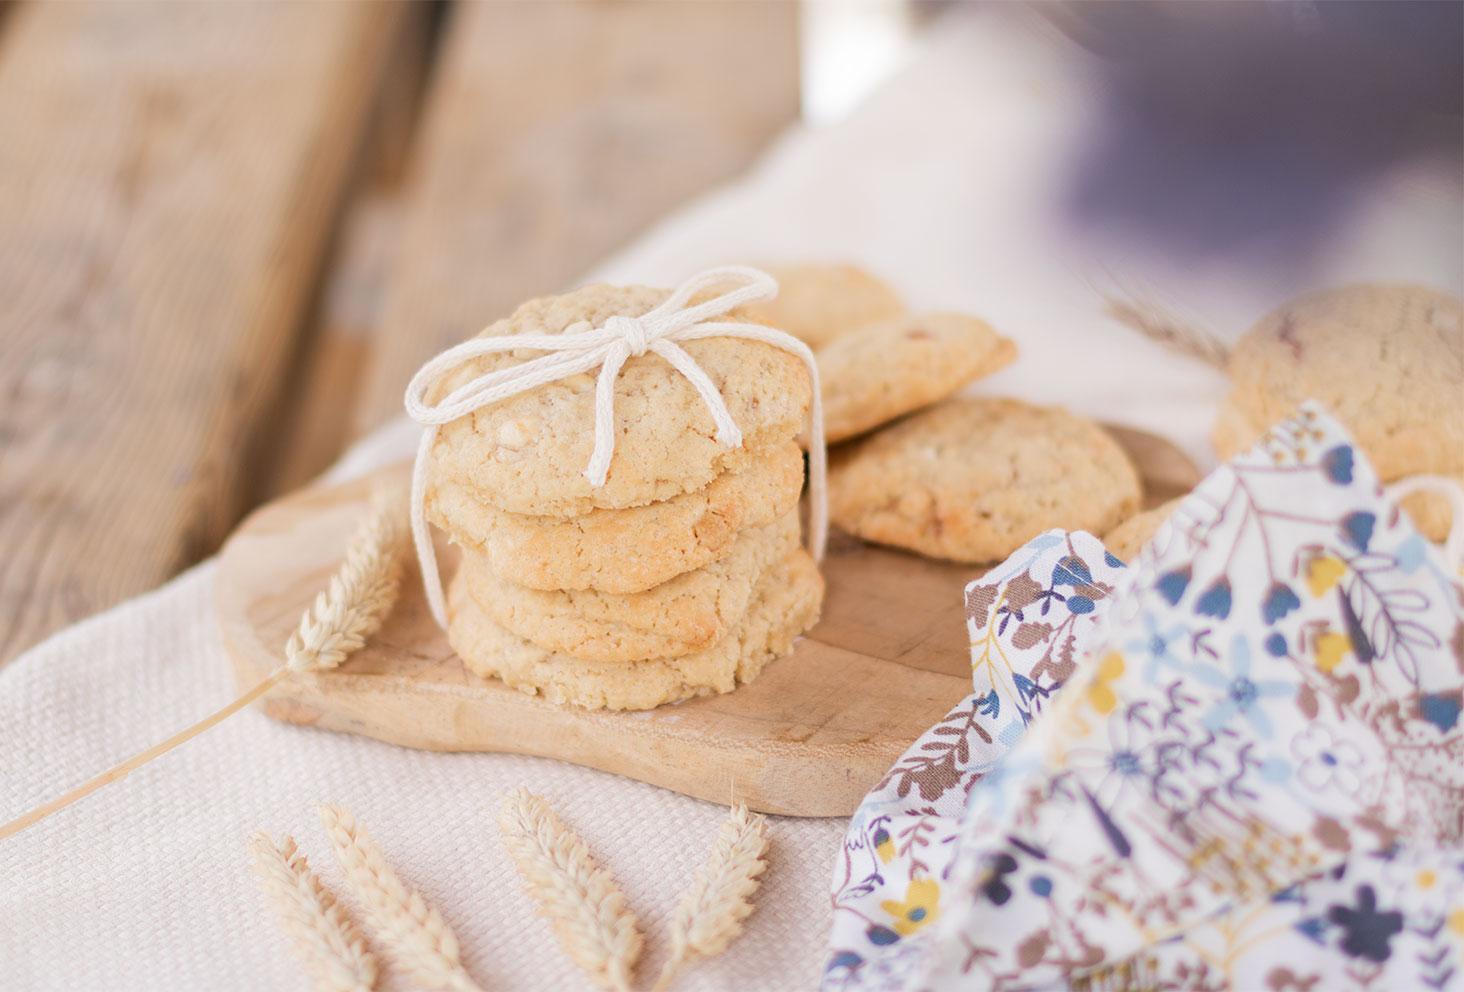 Des cookies sur une planche en bois, noués à l'aide d'une ficelle, fourrés aux fraises et aux oléagineux